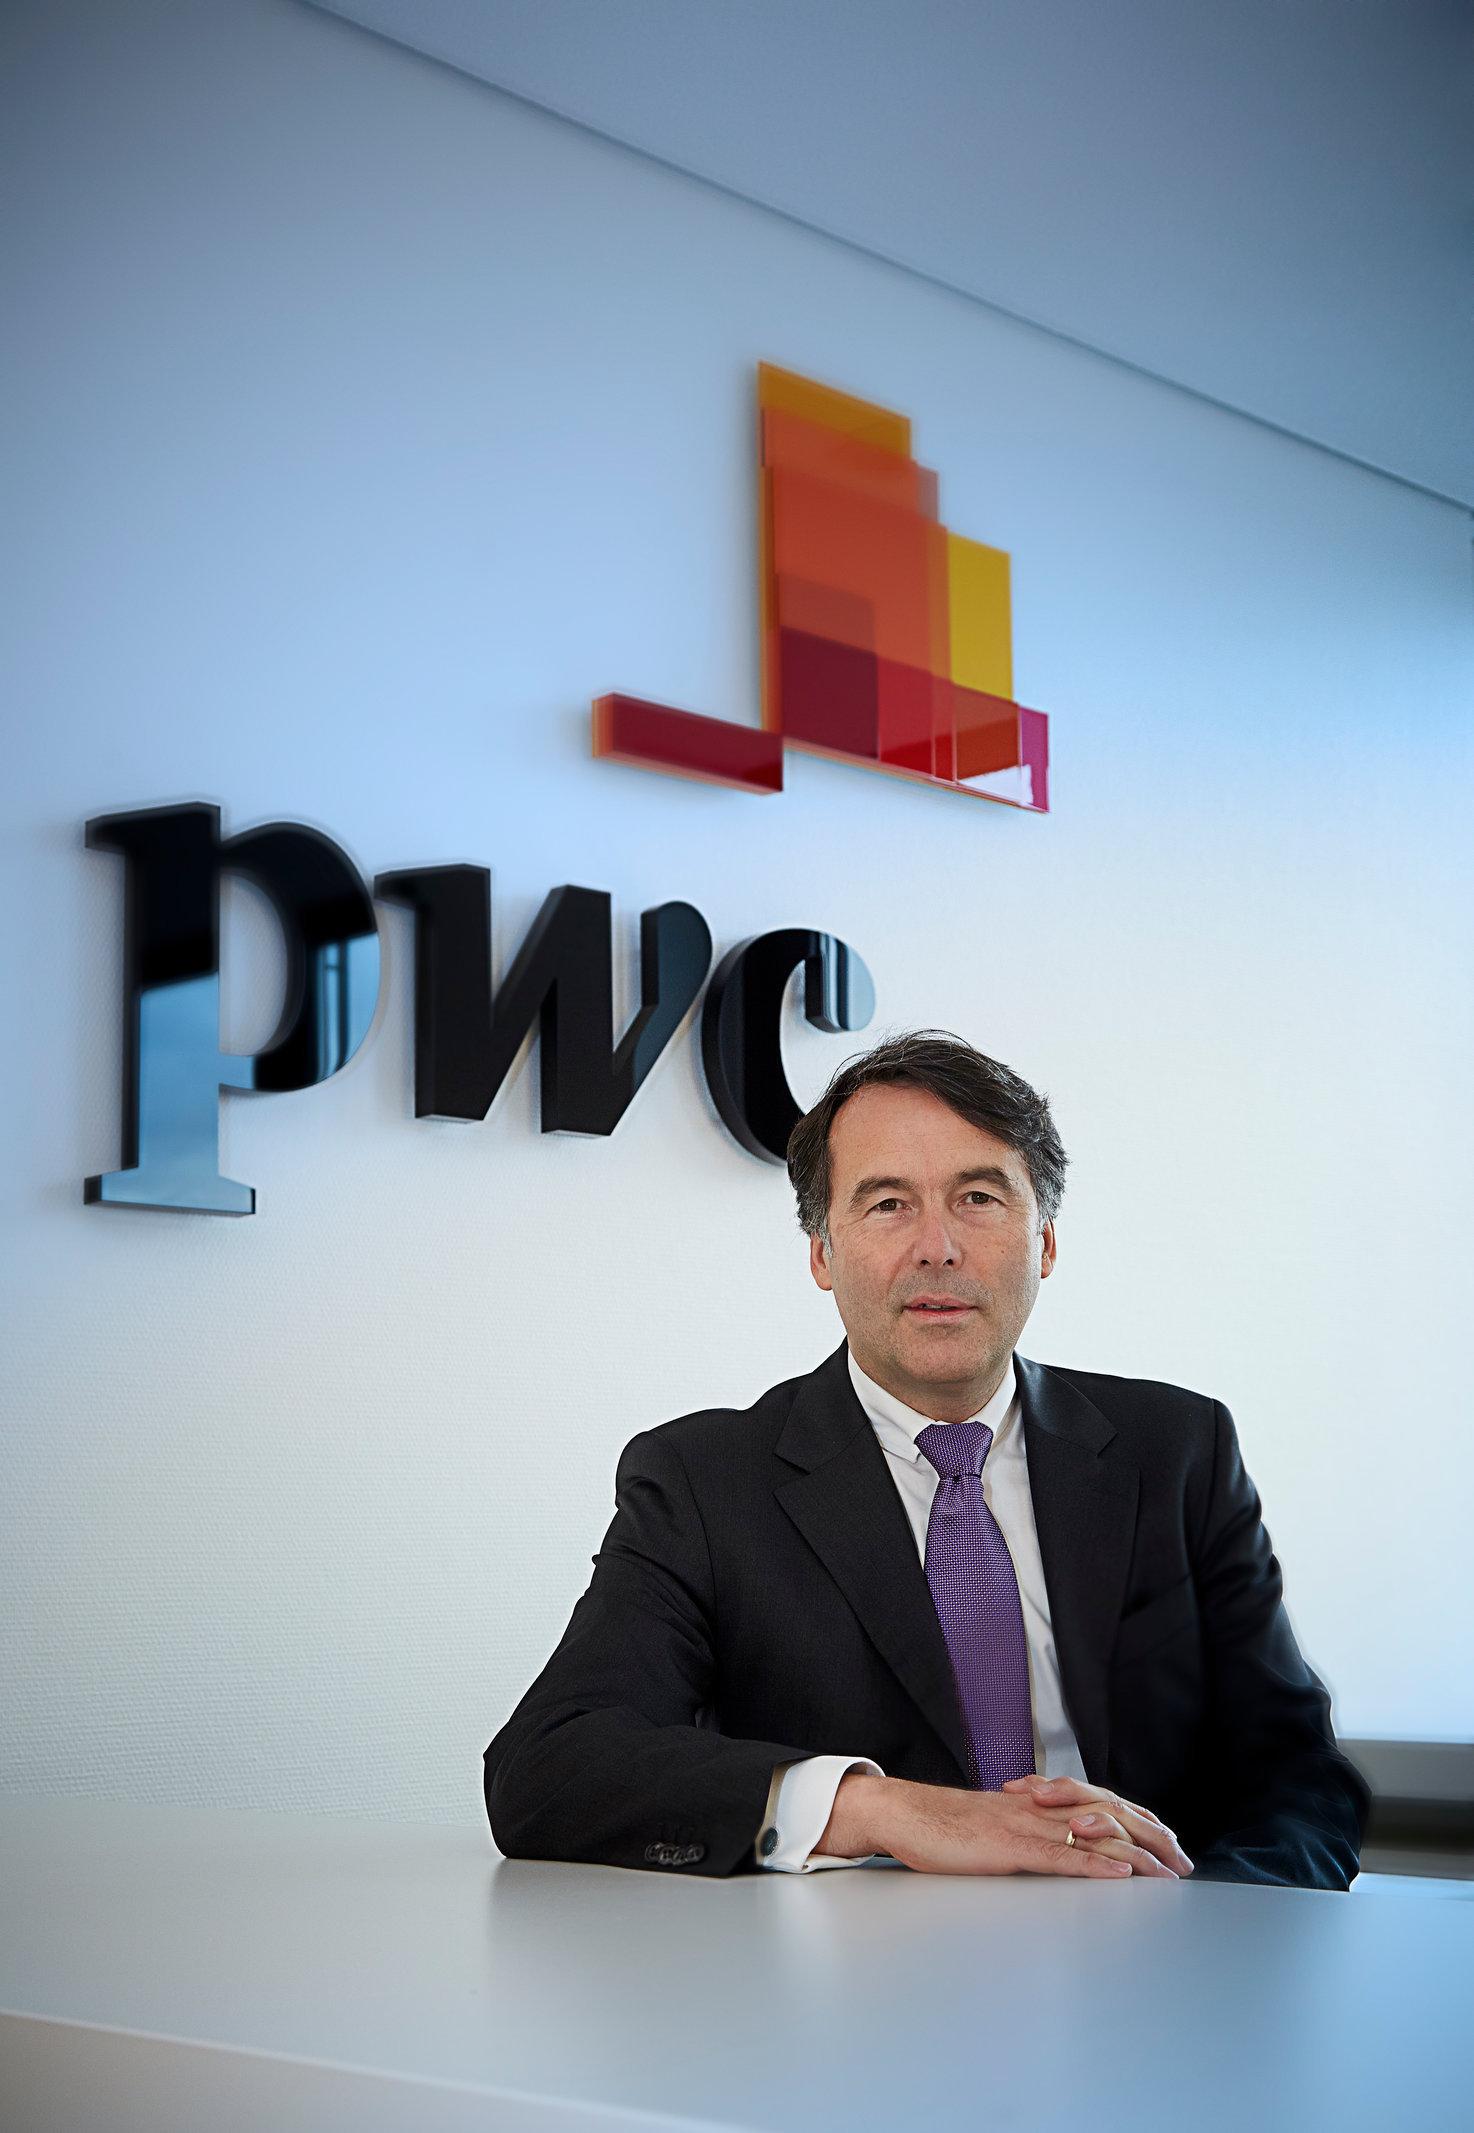 Gerd Bovensiepen, PricewaterhouseCoopers